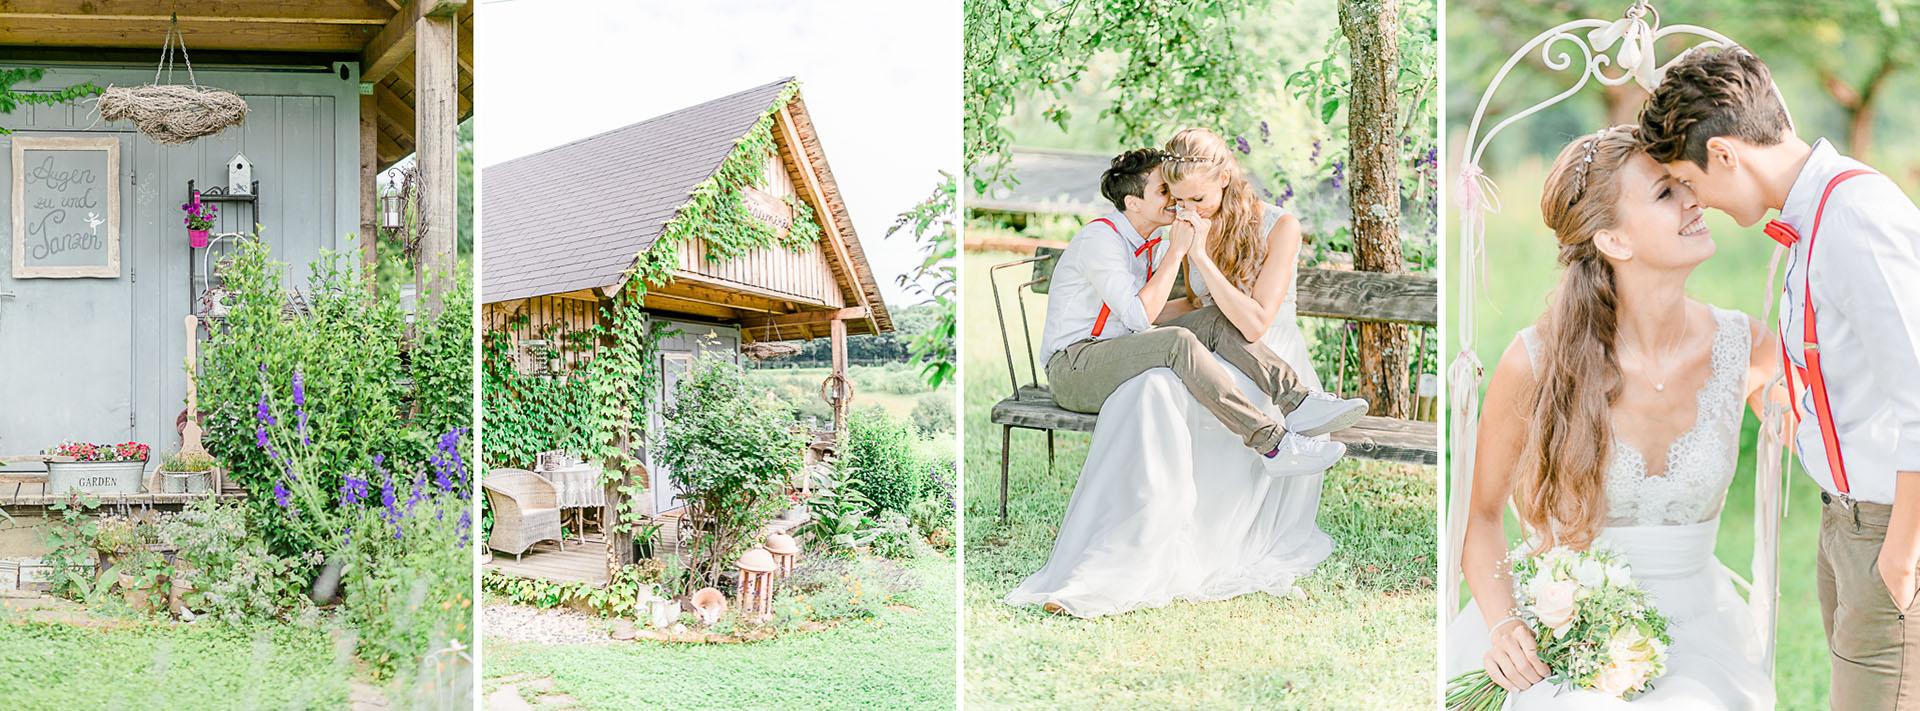 Fineart Hochzeitsfotograf helle Hochzeitsfotos Mödling Hochzeitsfotograf Wien heiraten Wien und Umgebung Garten